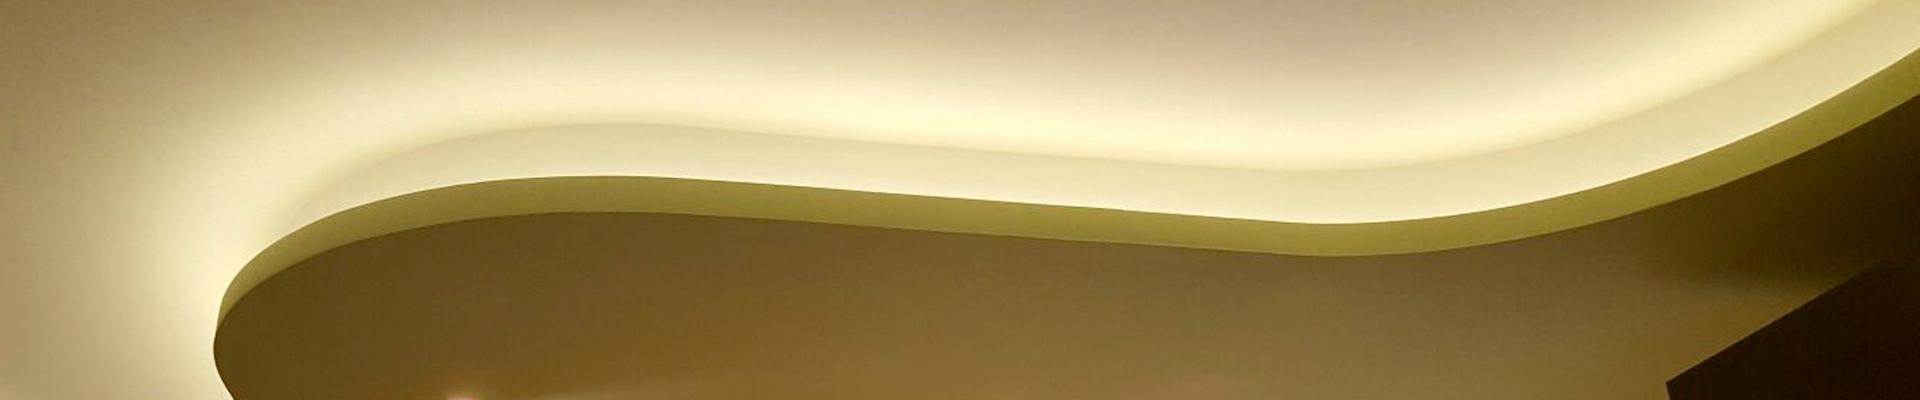 Controsoffitto e pareti in cartongesso dima - Controsoffitto portante in cartongesso ...